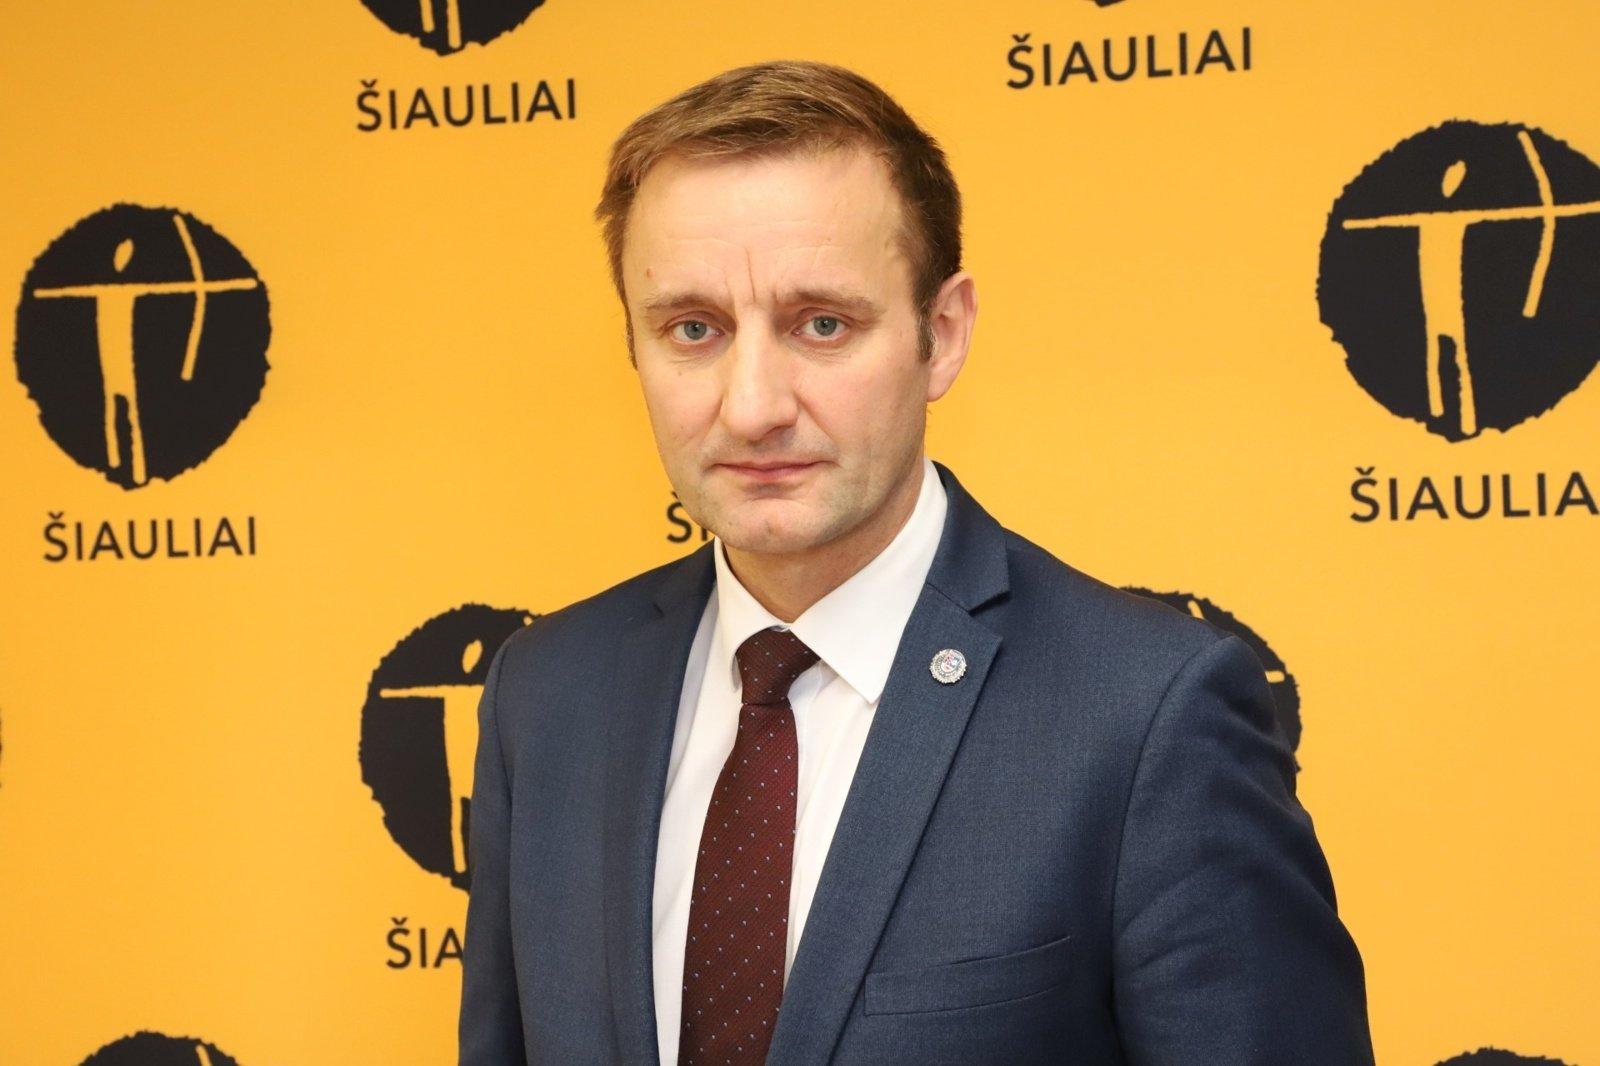 Šiaulių meras: norint suvaldyti COVID-19, būtina griežtinti izoliuotis turinčių užsieniečių kontrolės sąlygas